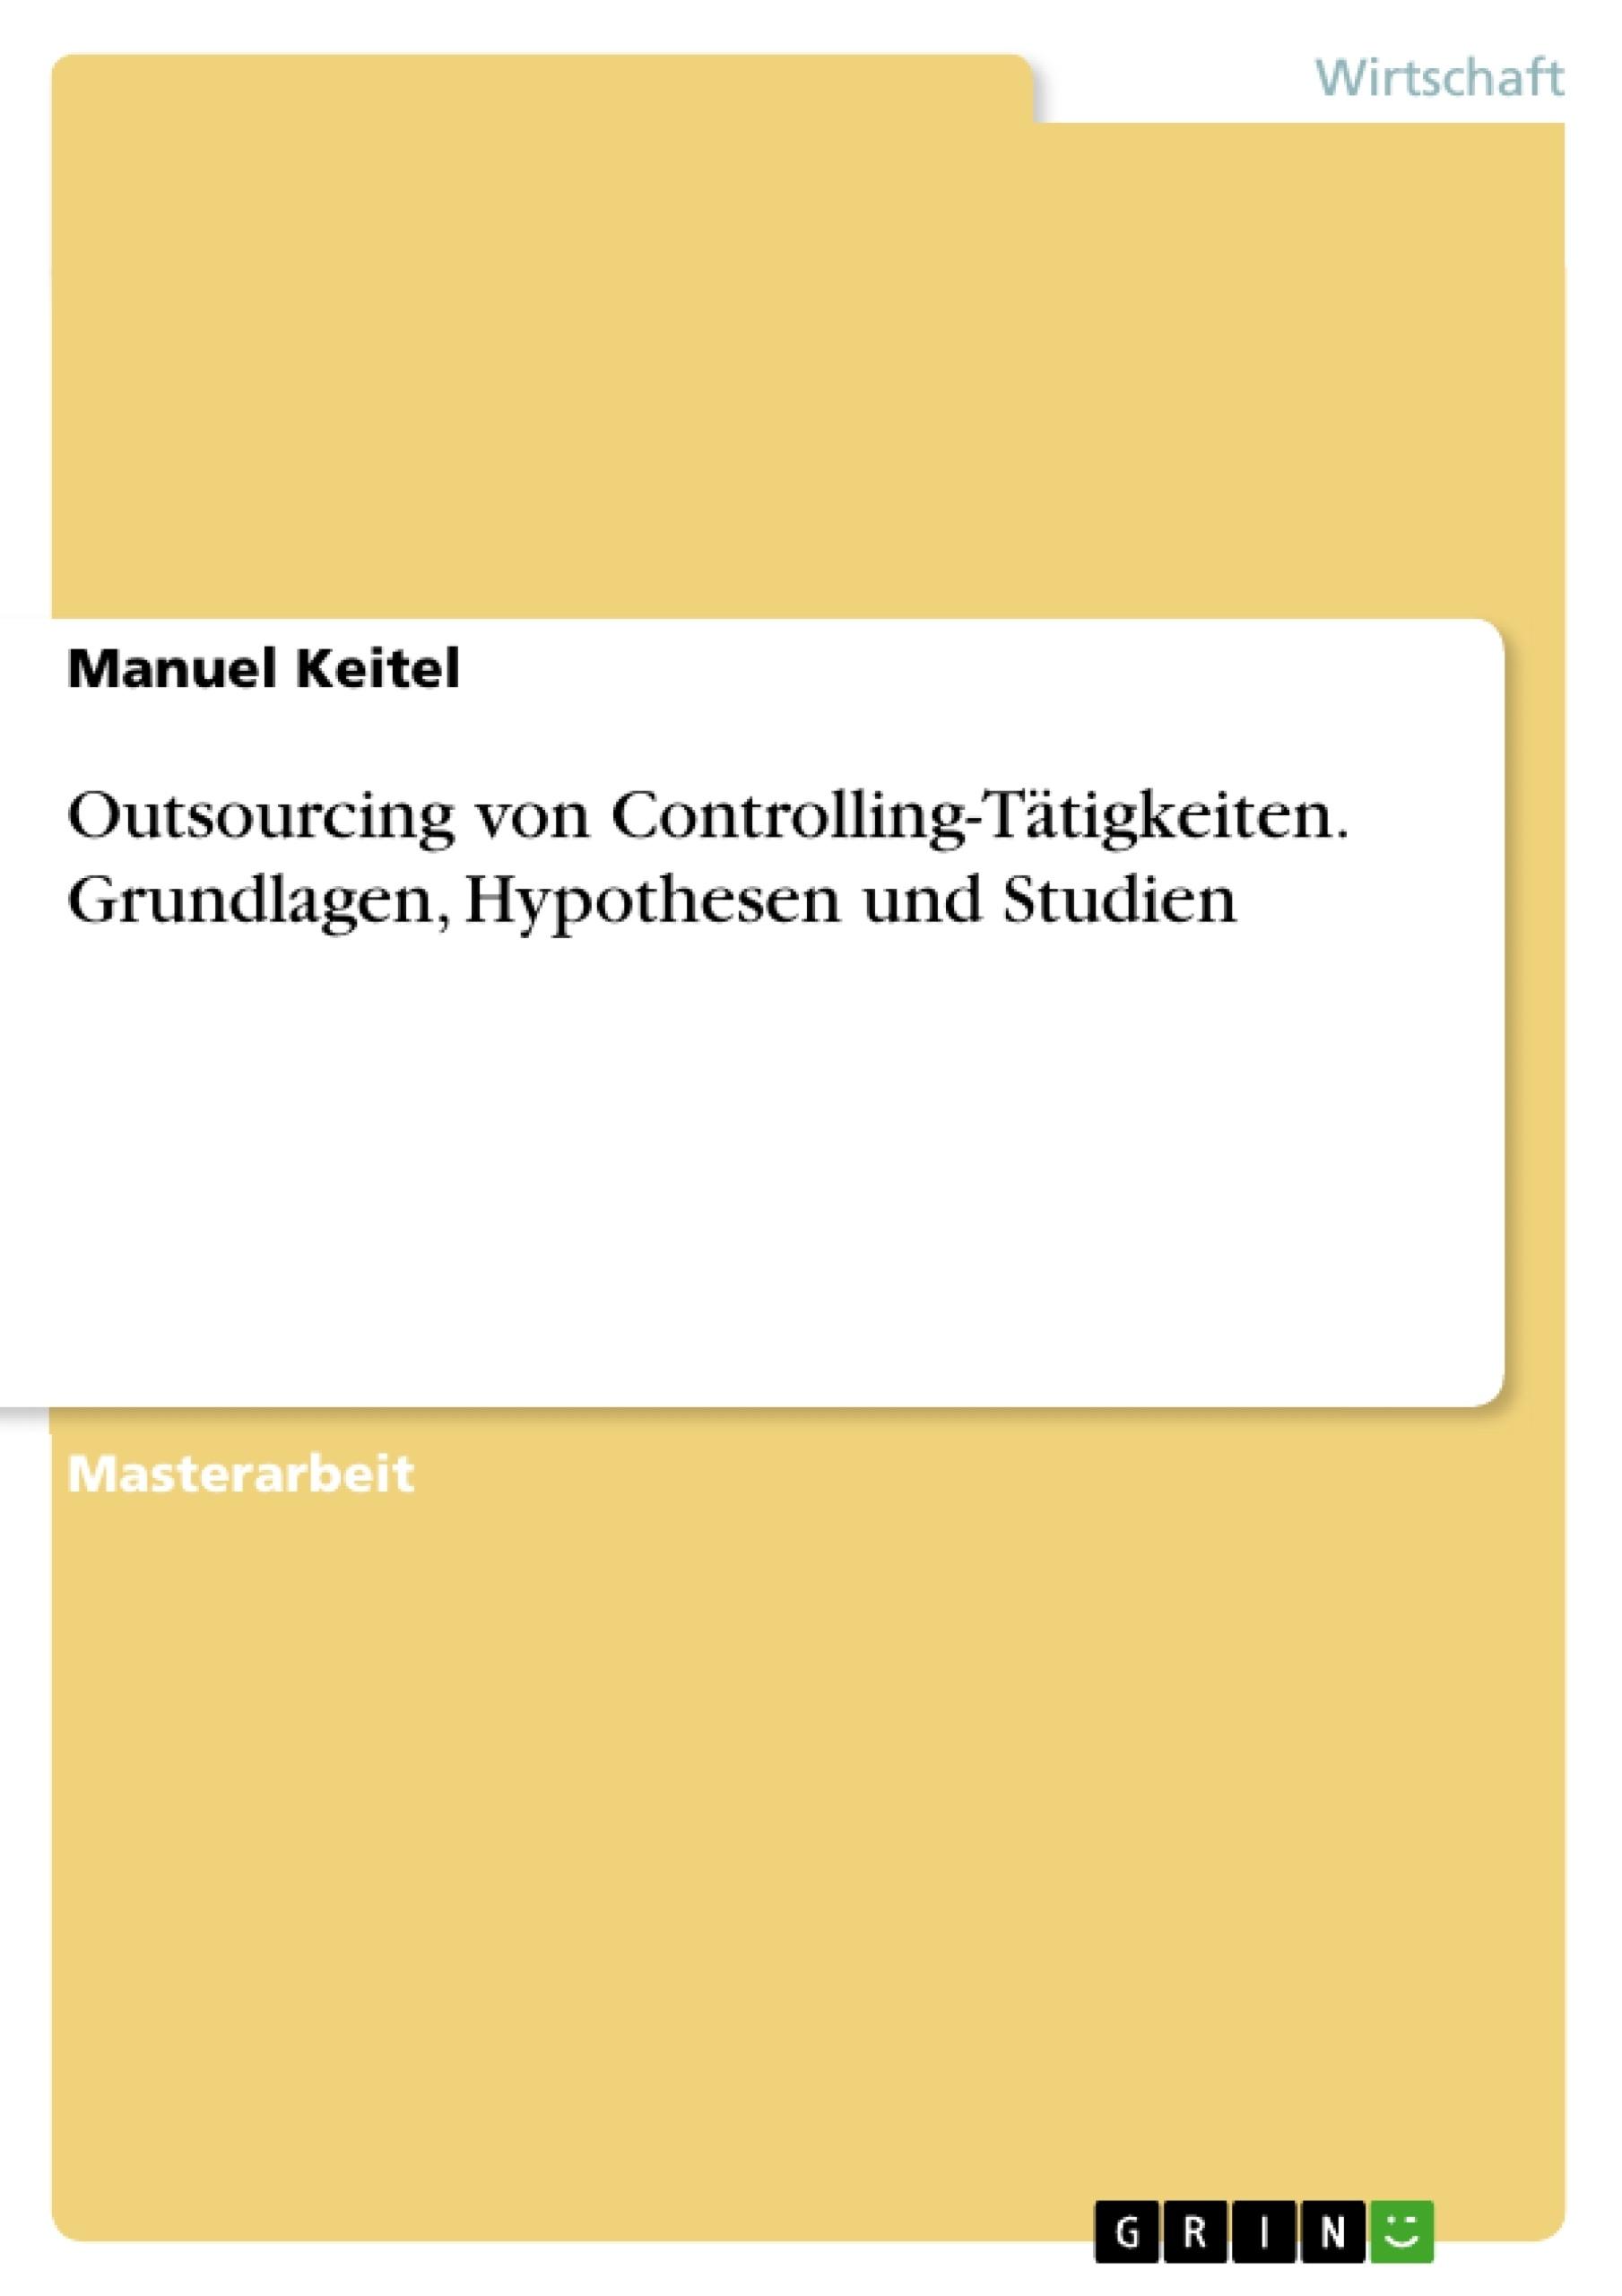 Titel: Outsourcing von Controlling-Tätigkeiten. Grundlagen, Hypothesen und Studien